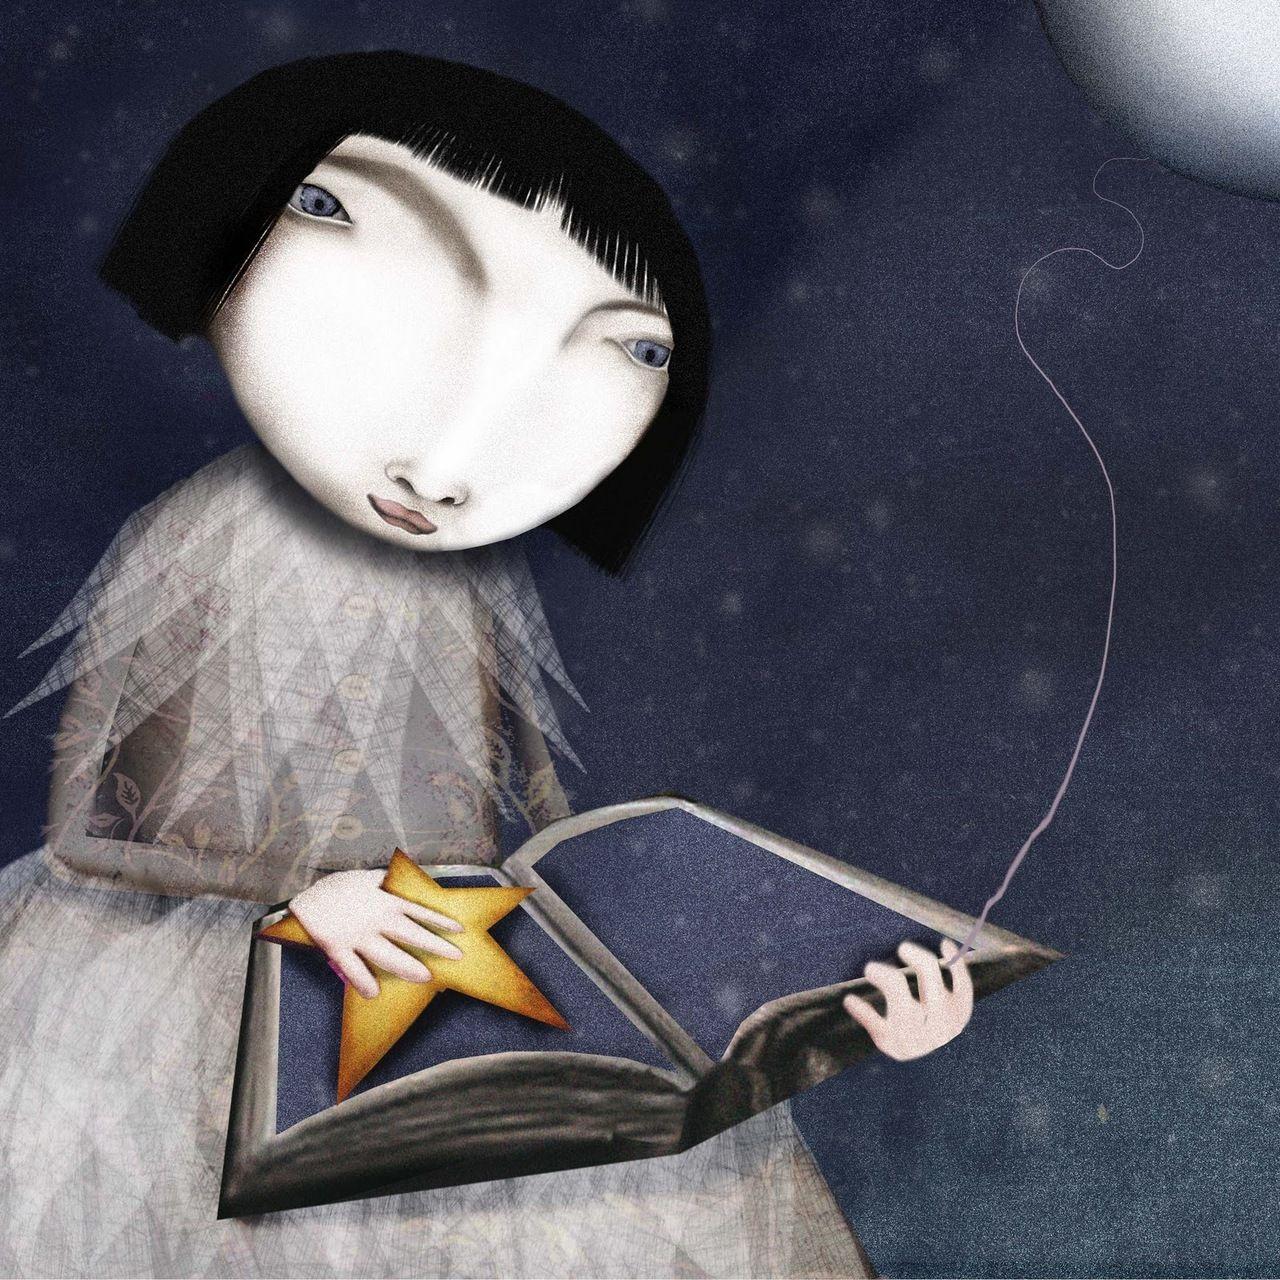 estrela e livro